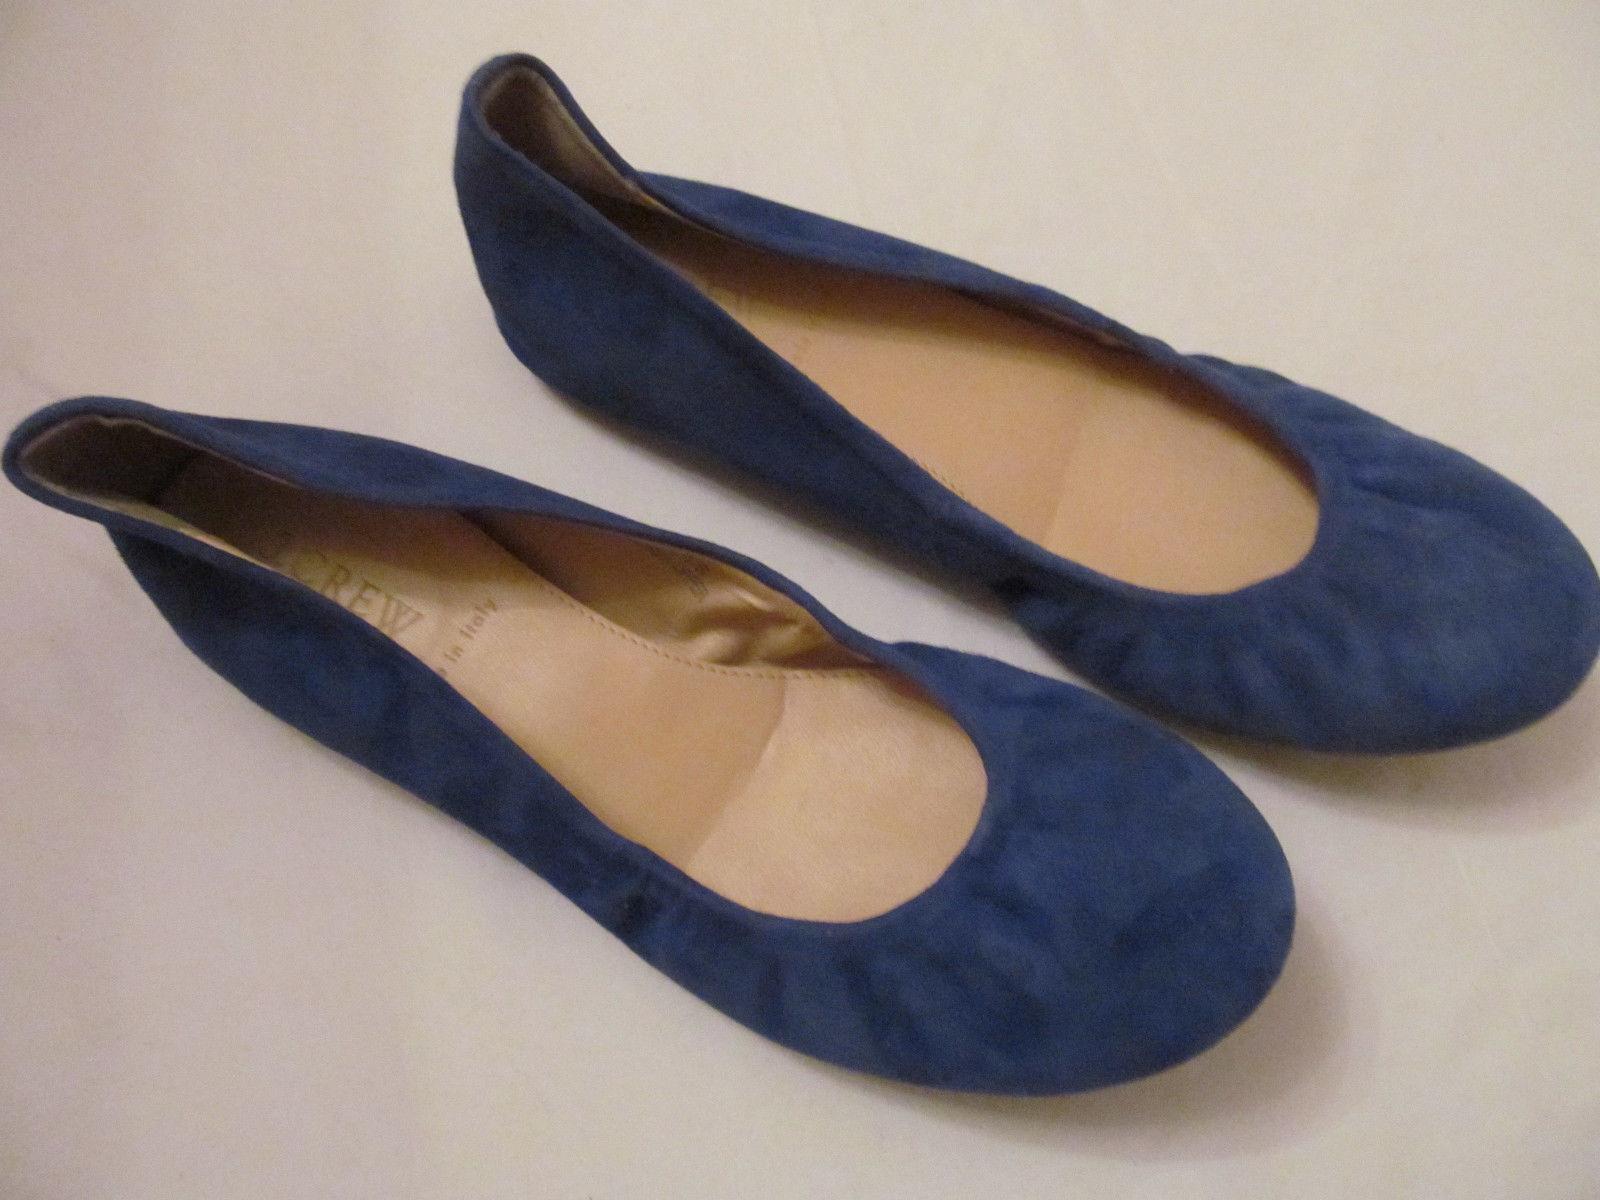 J CREW CECE suede bluee leather ballet flats shoes 6.5 M